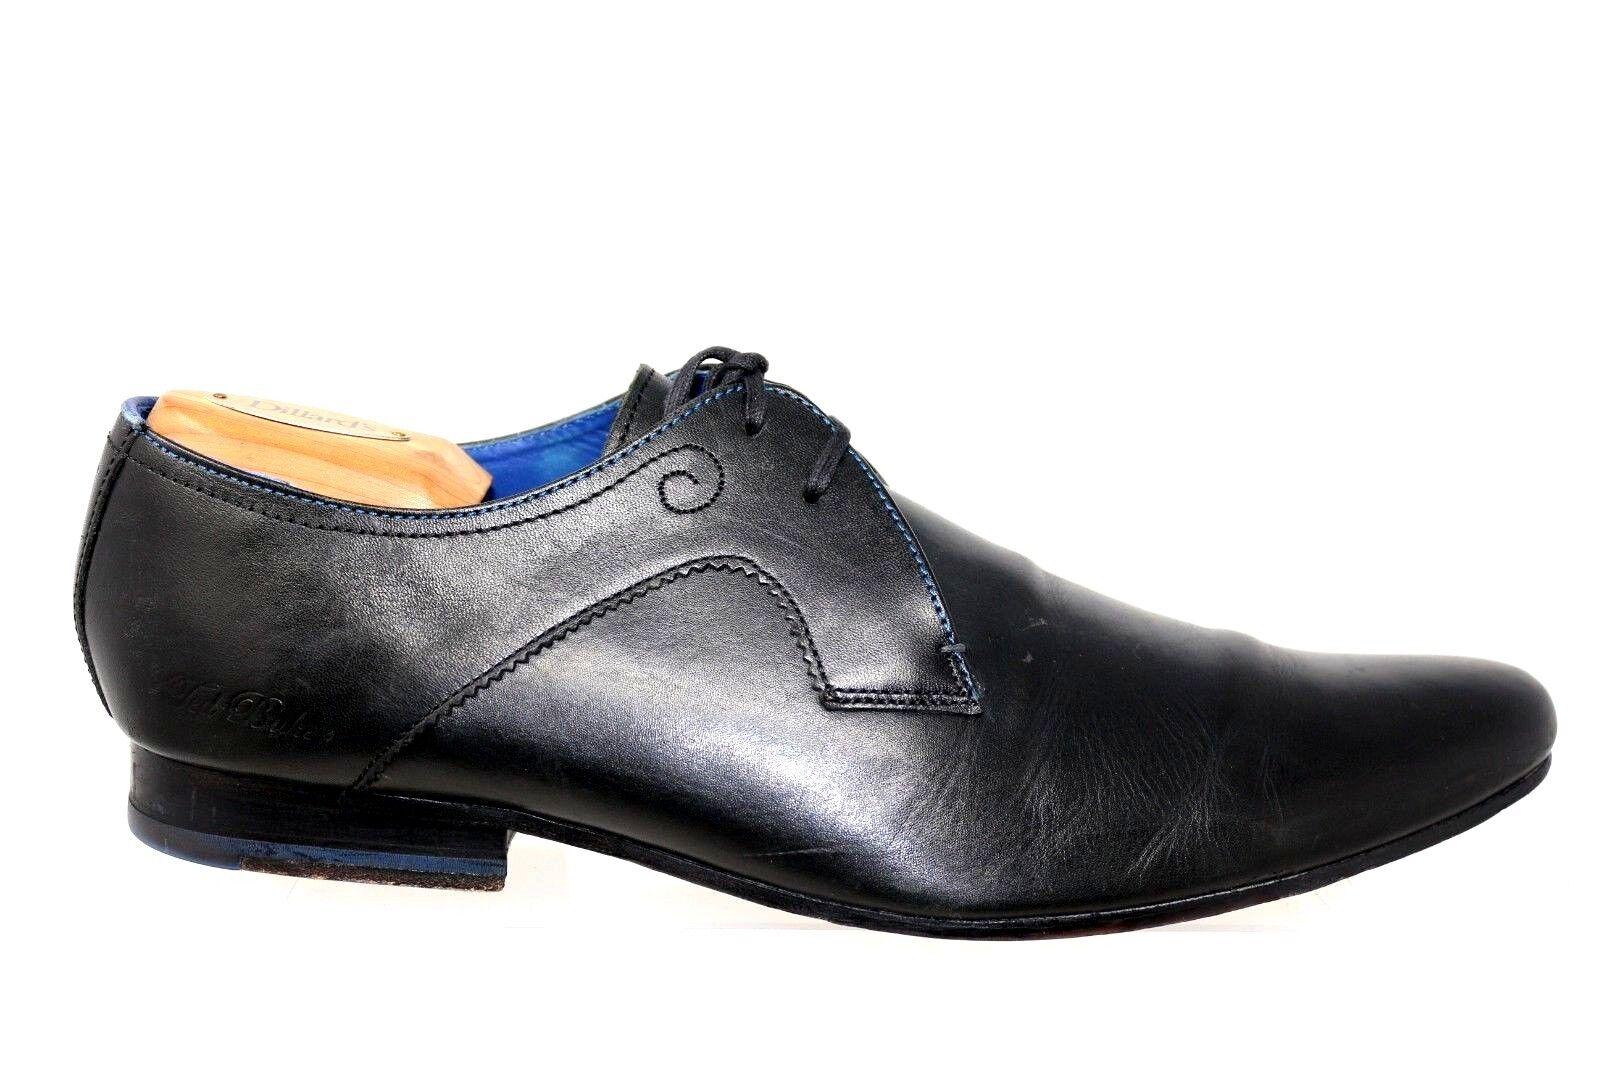 Ted Baker Martt 9-12968 Negro Negro Negro Cuero Derby Con Cordones Oxford Zapatos Para Hombre Talla US 11 ac0a7b